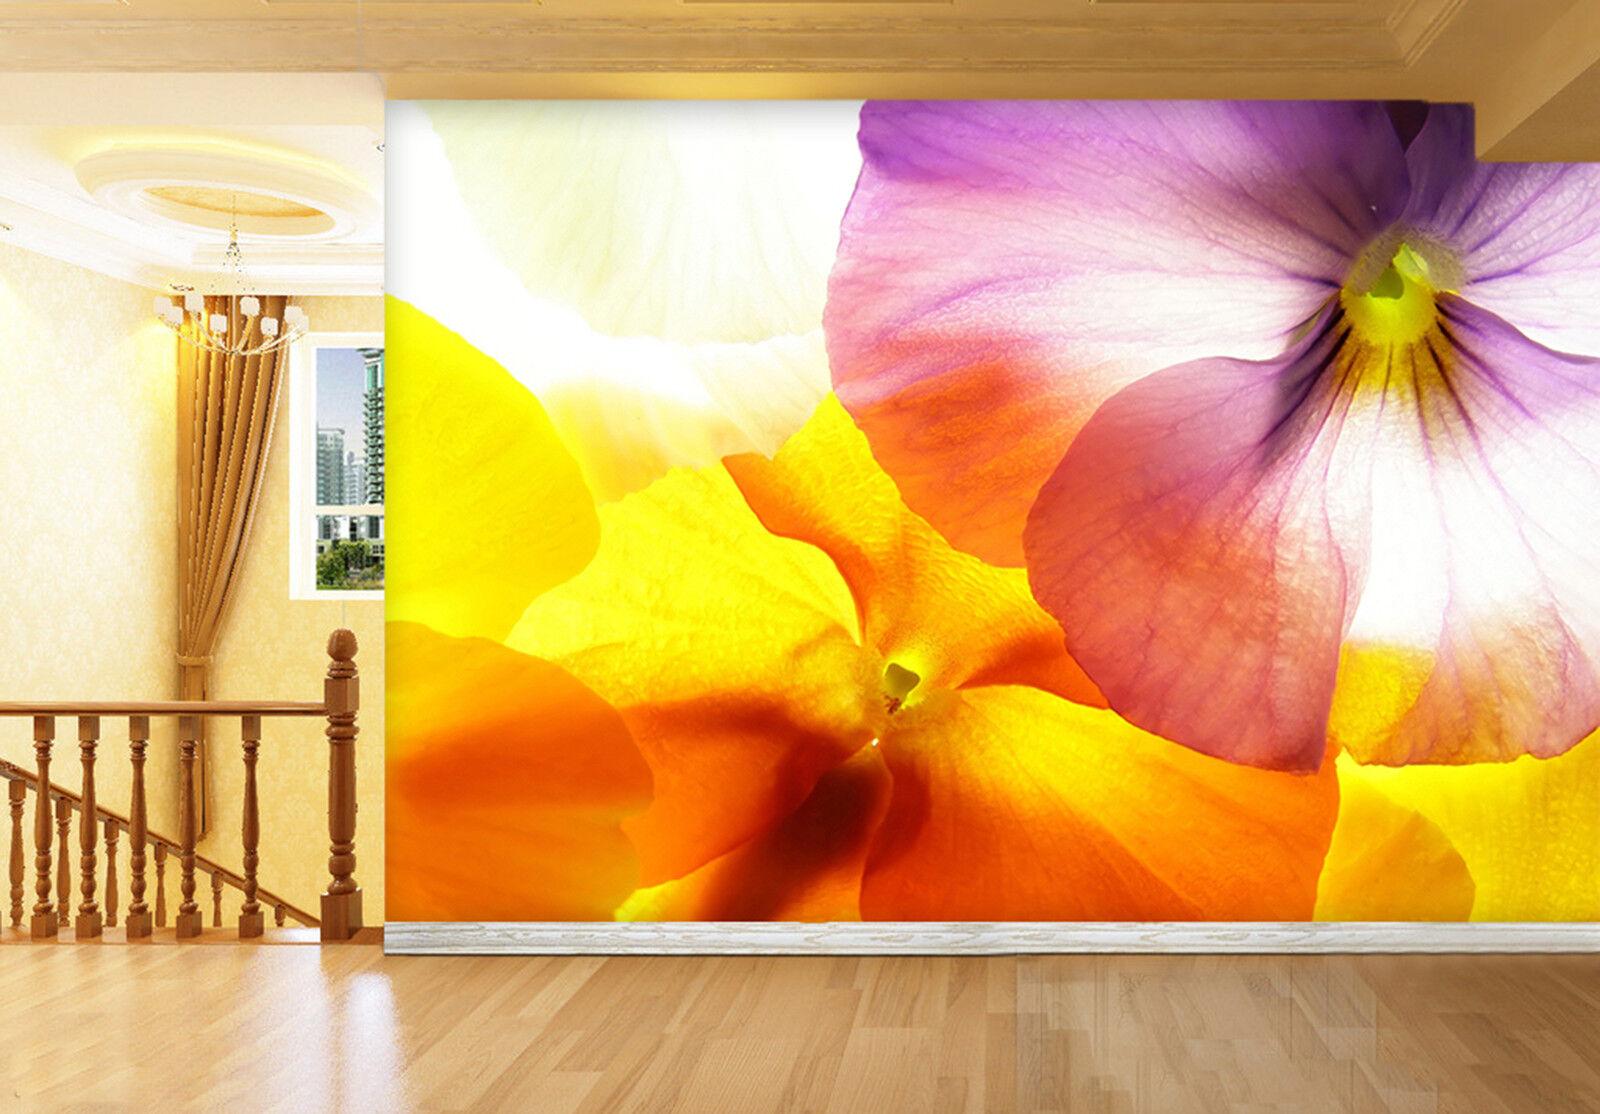 3D Blühende Blumen Fototapeten Wandbild Fototapete Bild Tapete Familie Kinder